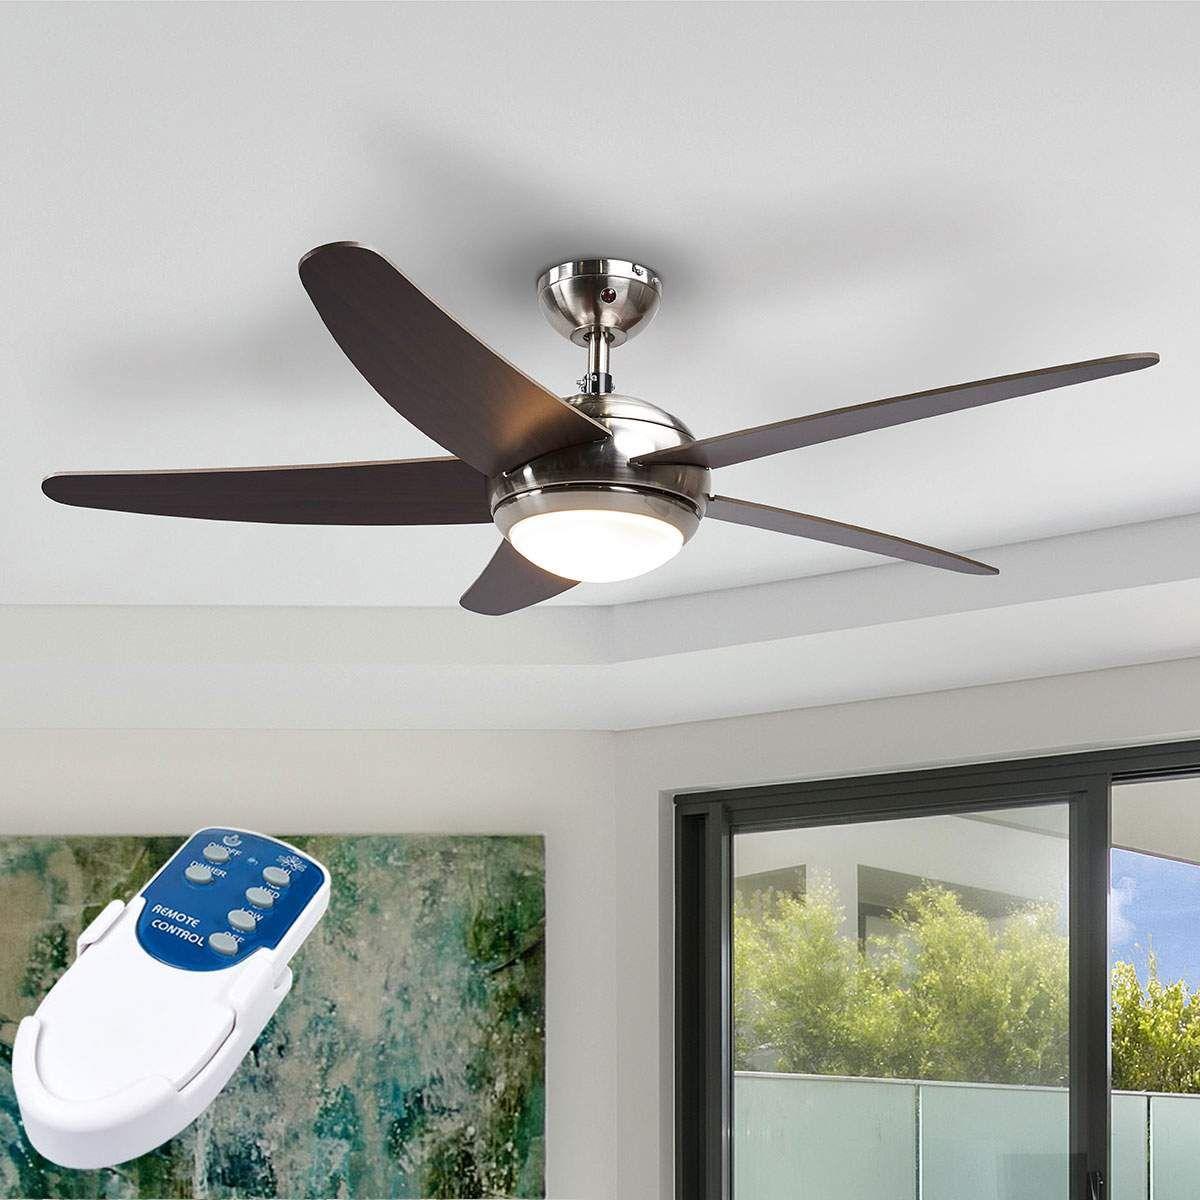 Led Betriebener Deckenventilator Anneka Mit Licht Deckenventilator Ventilator Und Ventilator Mit Licht